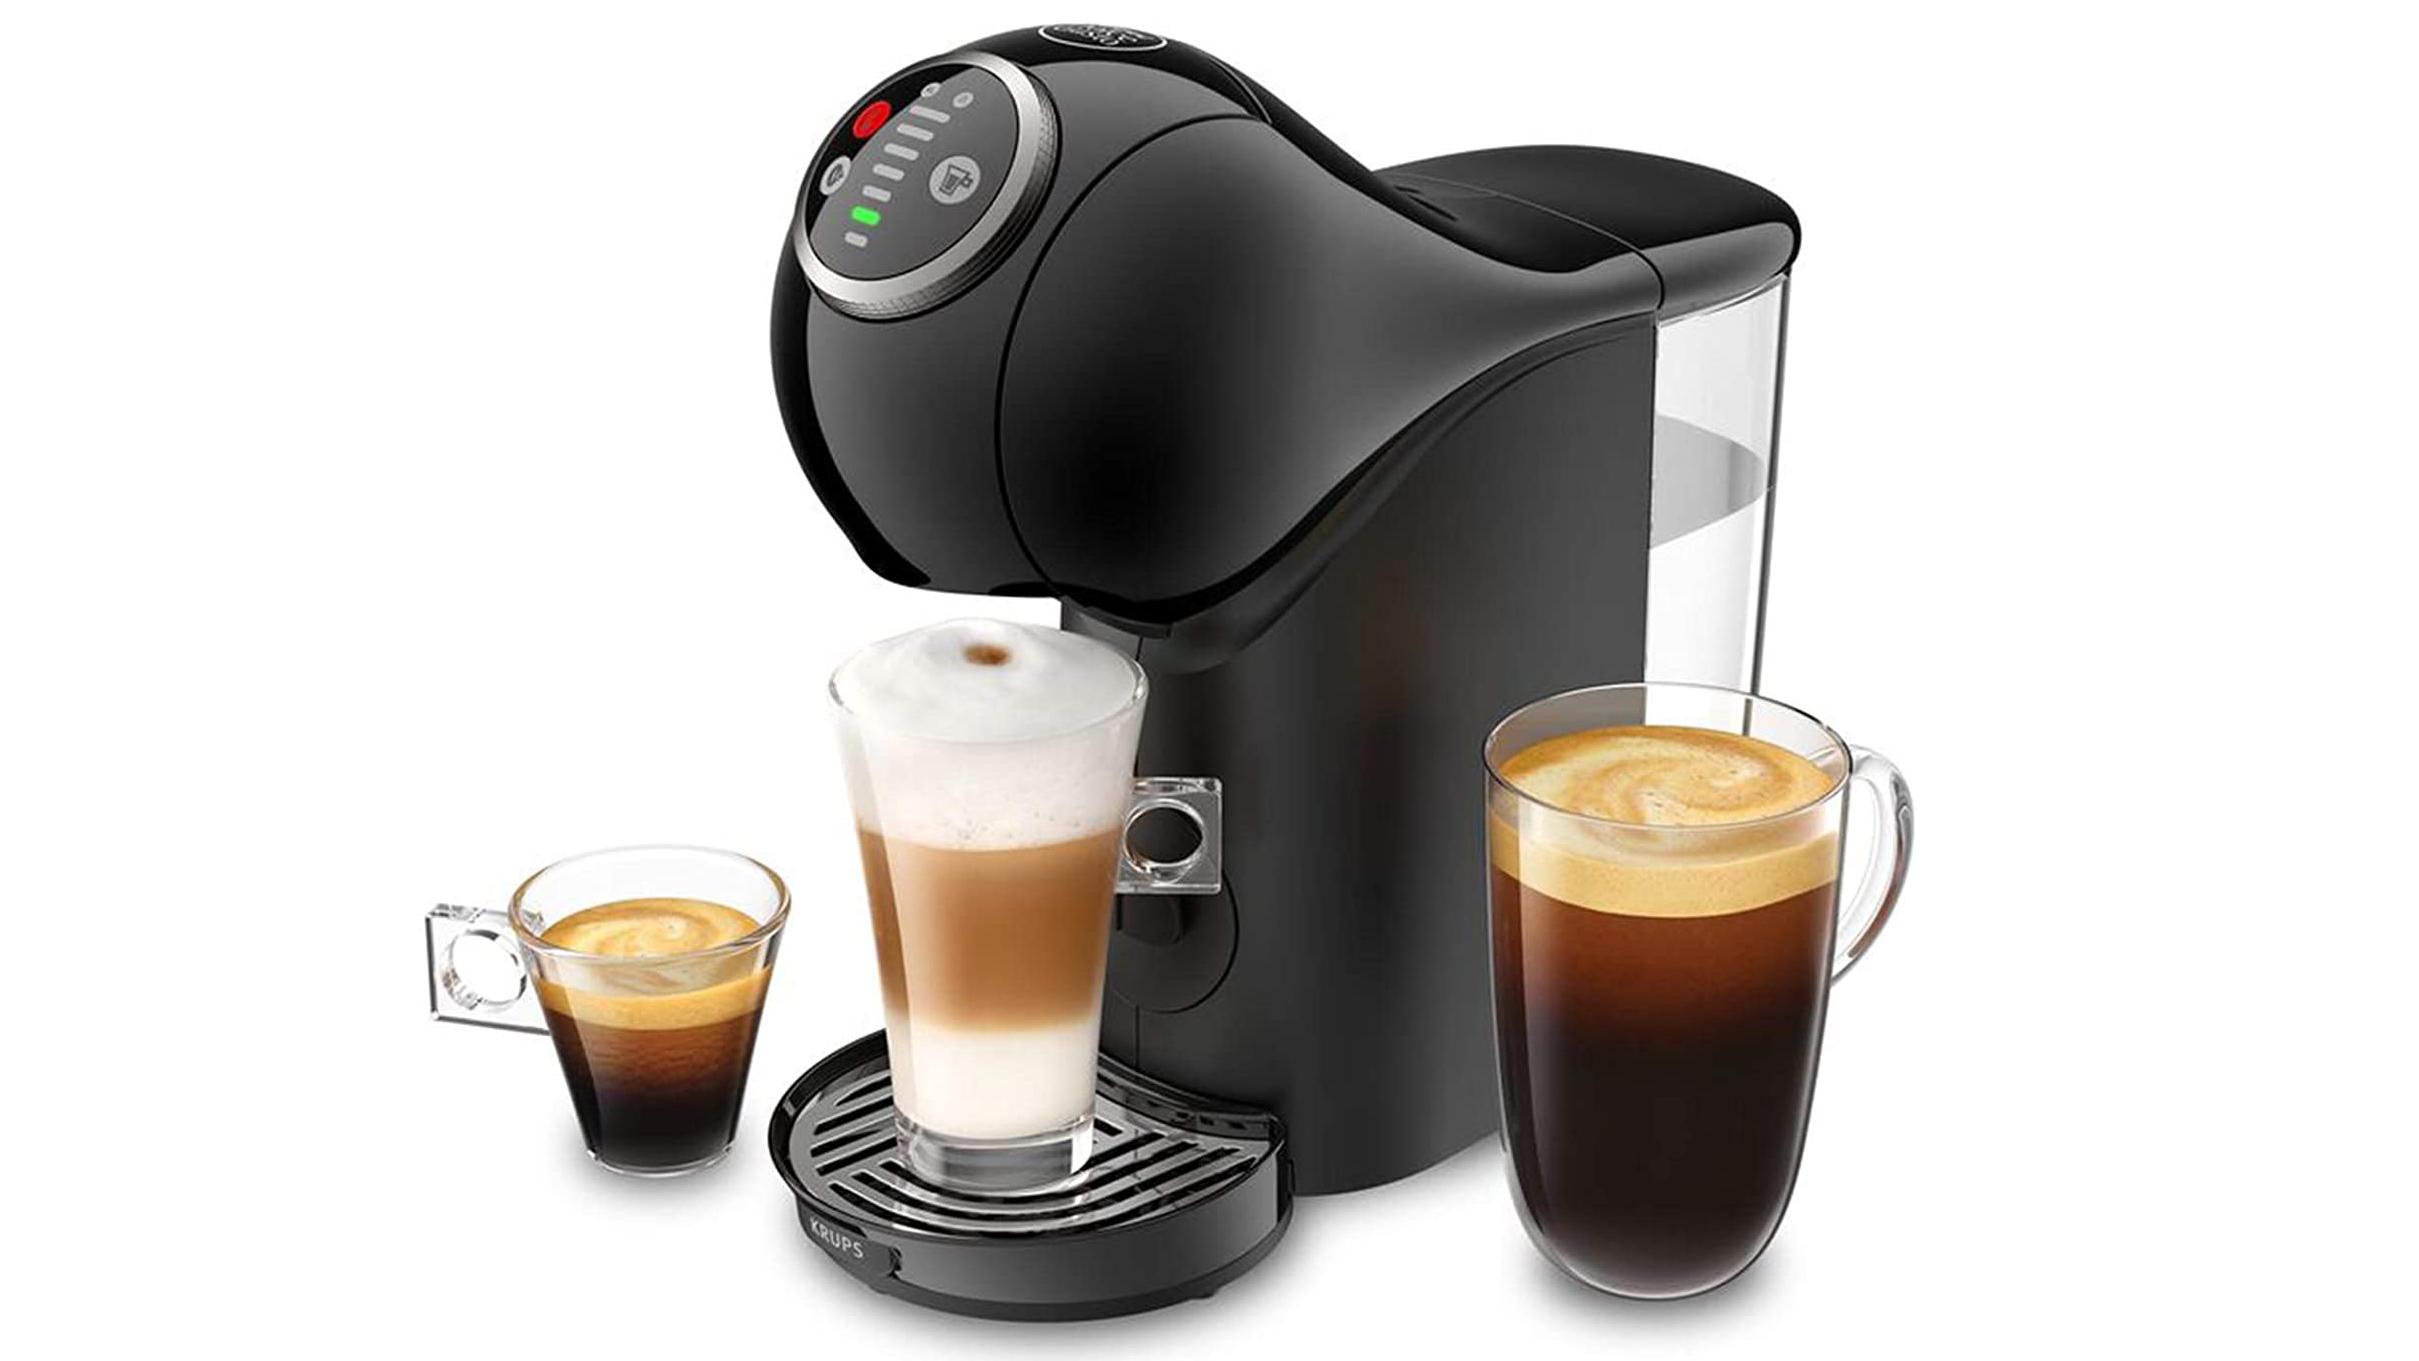 The Nescafe Dolce Gusto Genio Plus coffee machine delivers